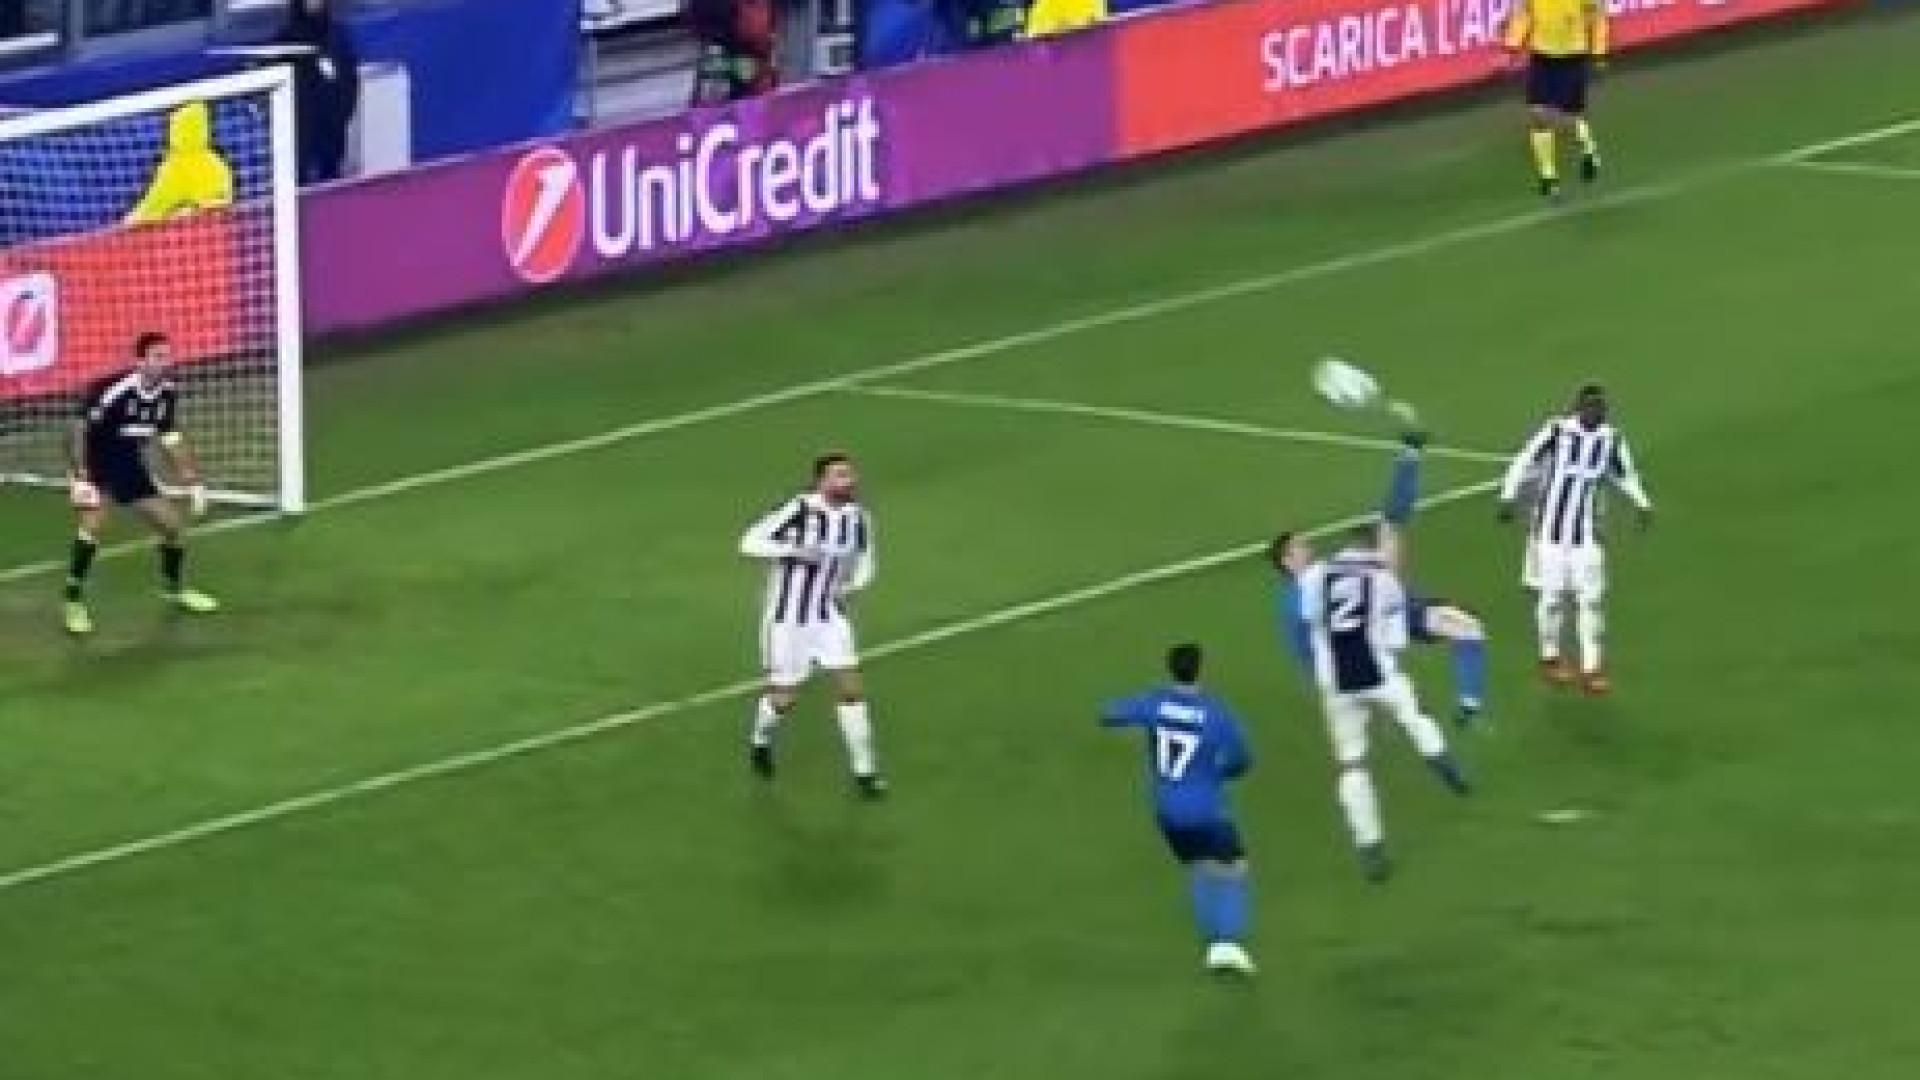 da2da9d4ba Eis os melhores golos de Cristiano Ronaldo em 2018